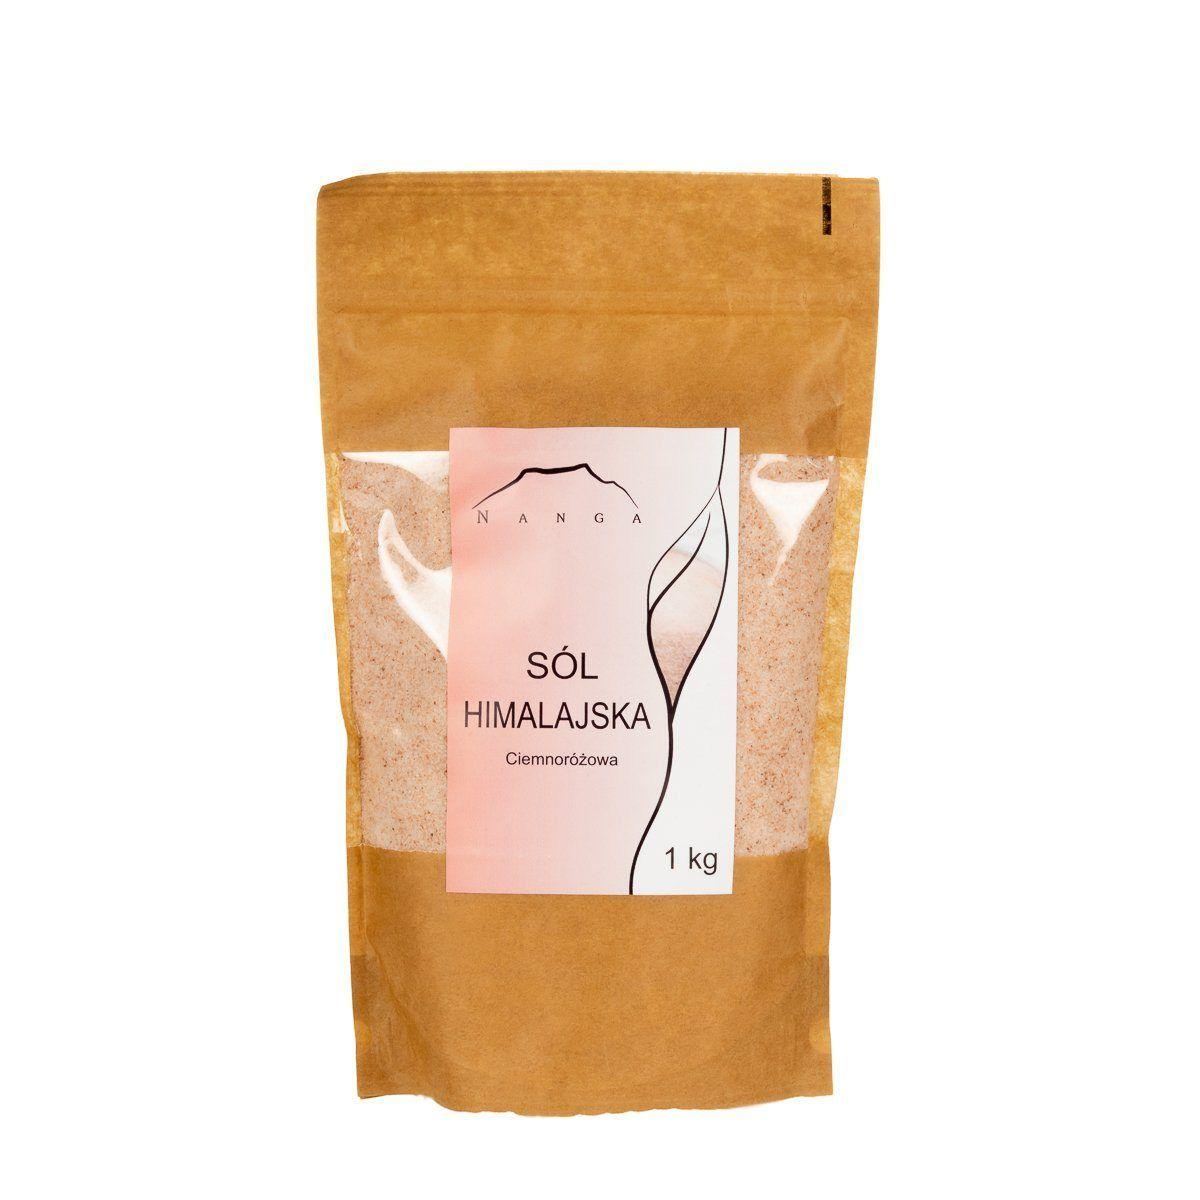 Sól himalajska różowa